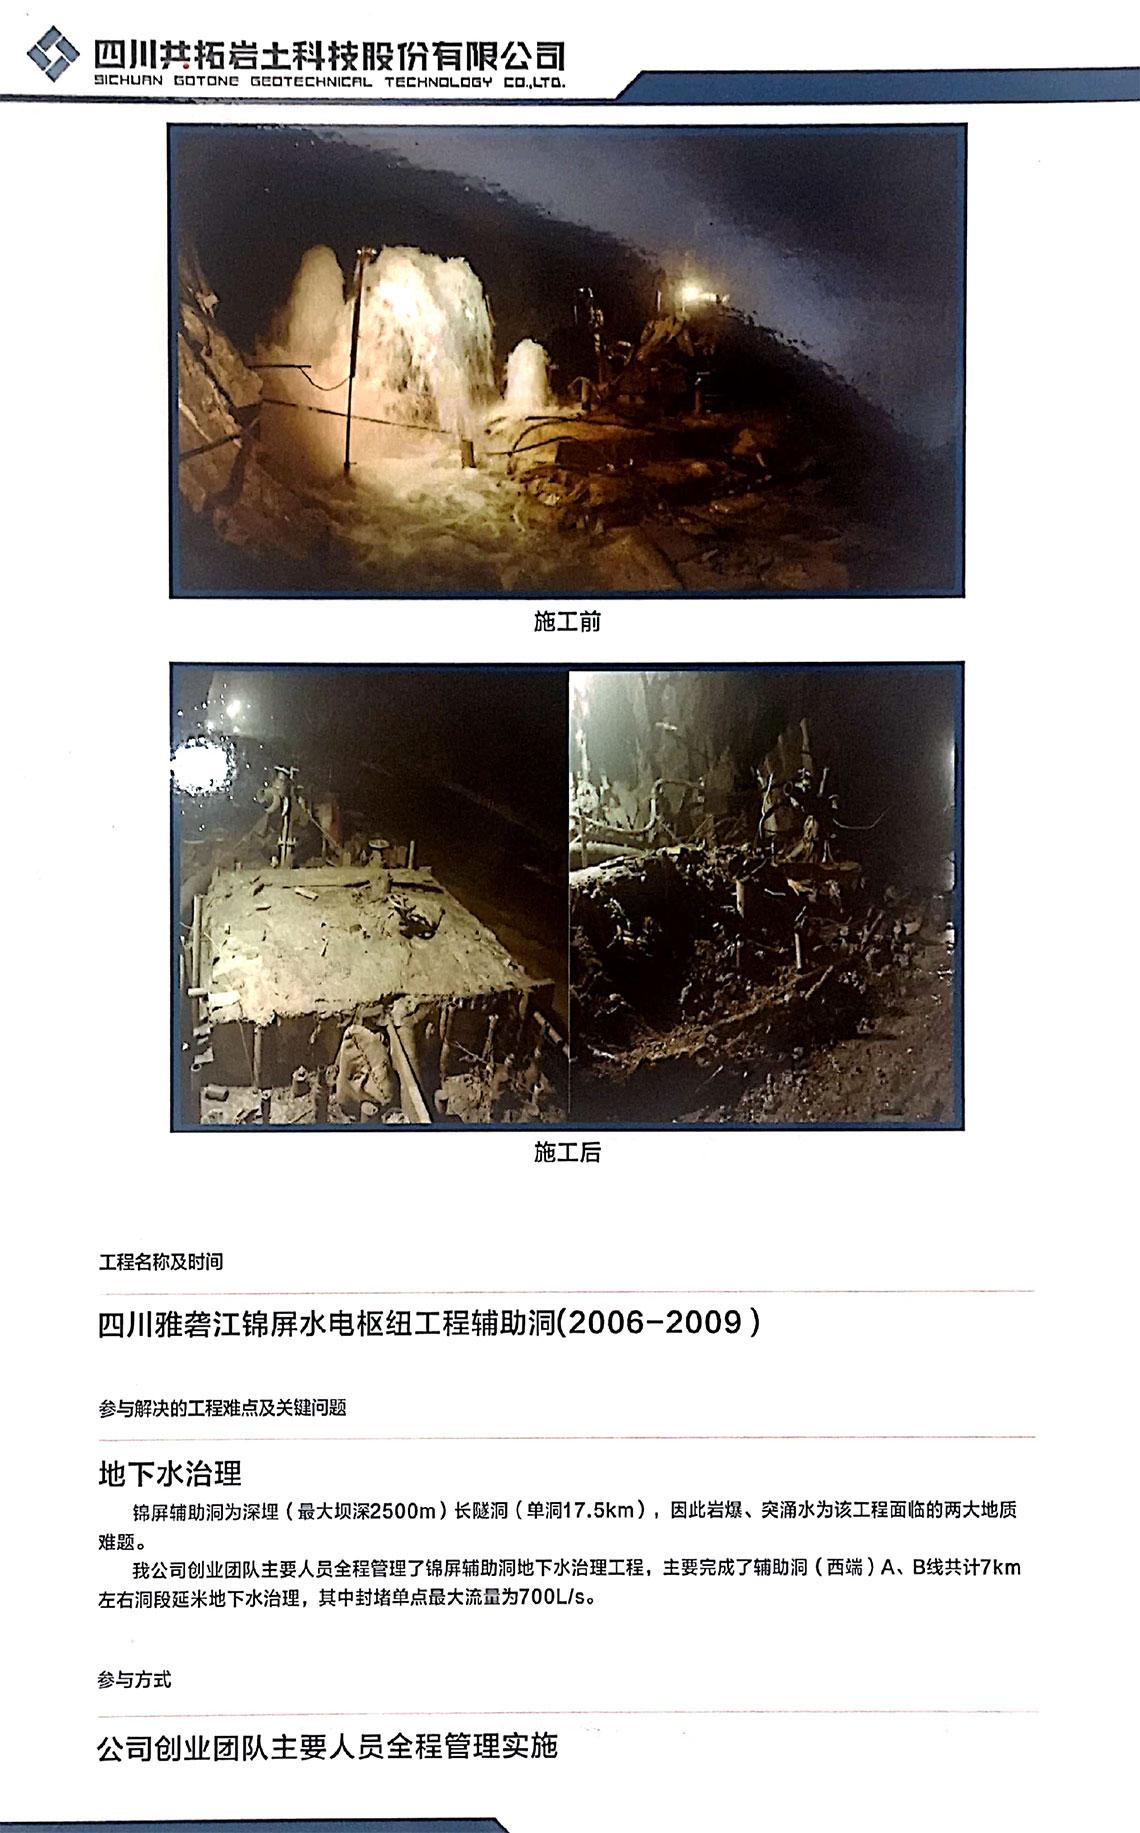 四川雅礱江錦屏水電樞紐工程輔助洞(2006-2009)